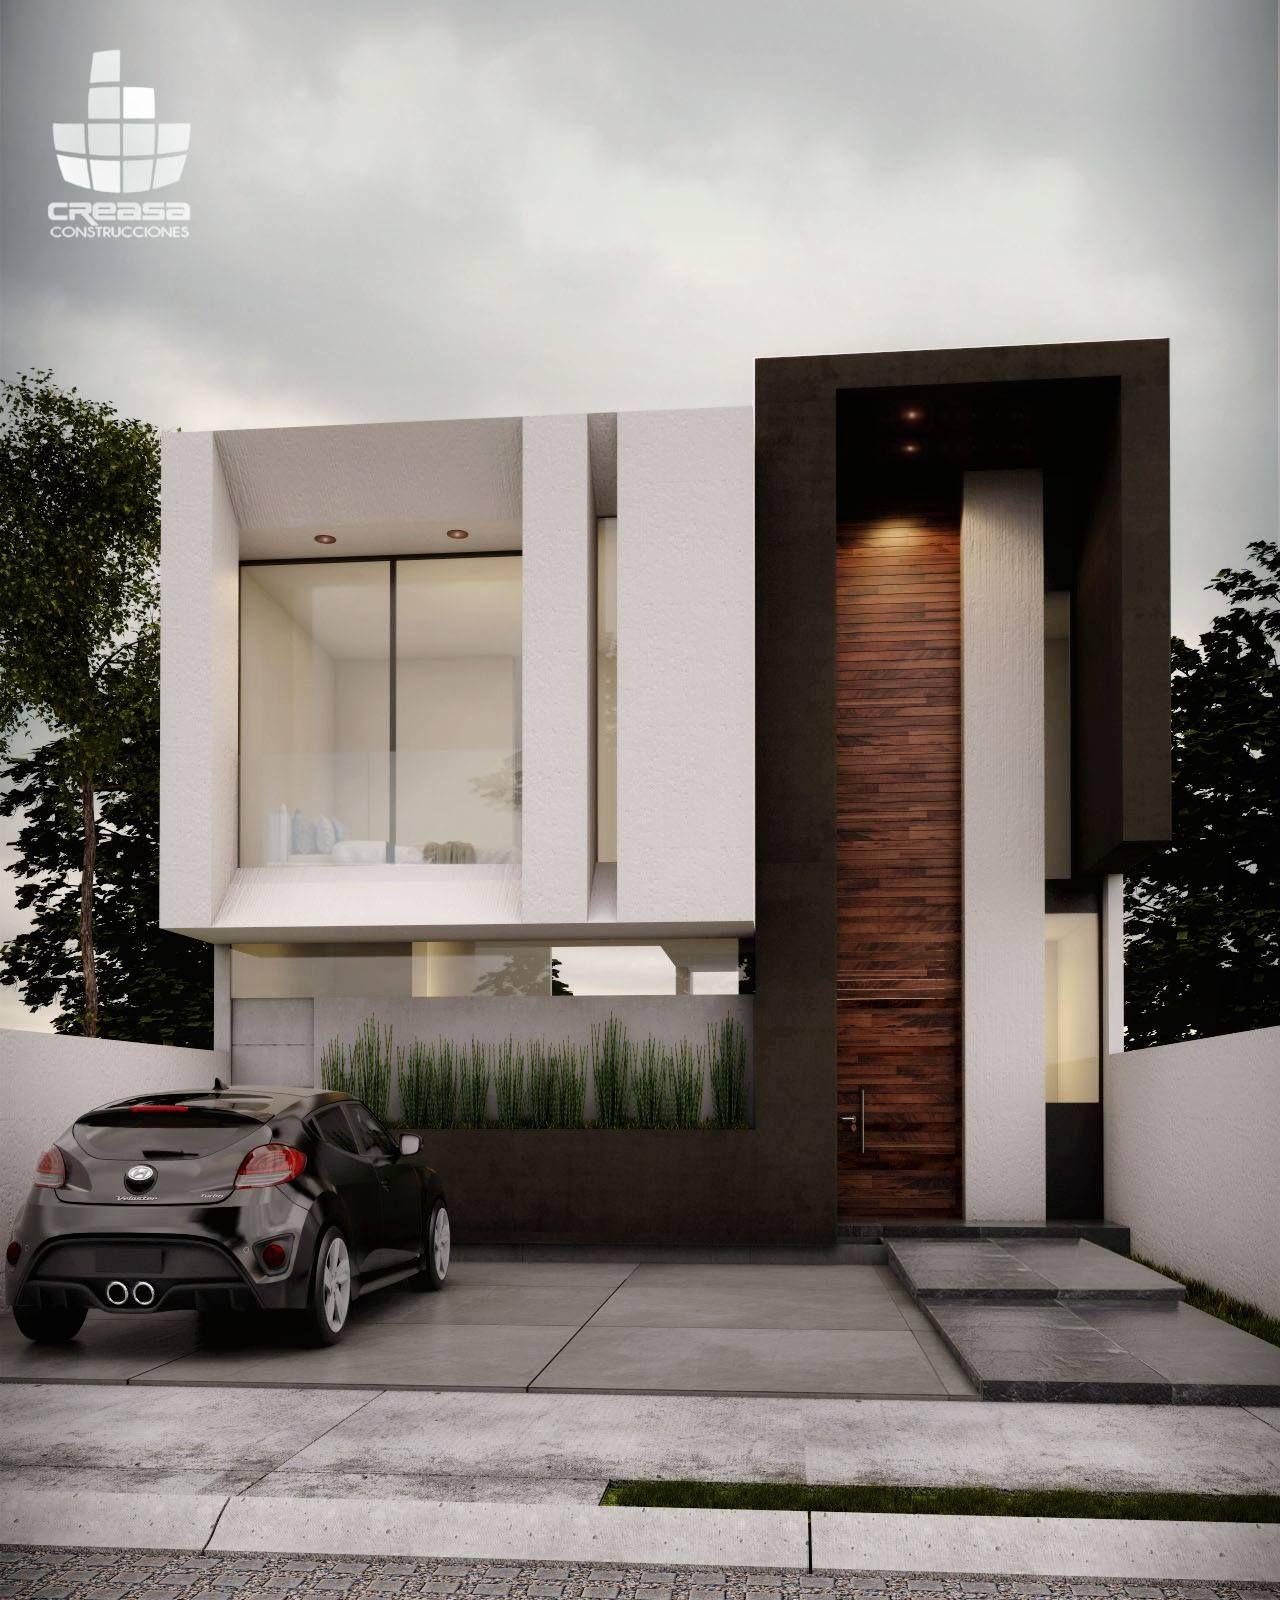 Creasa z creasa mx house design minimalist house for Construcciones minimalistas